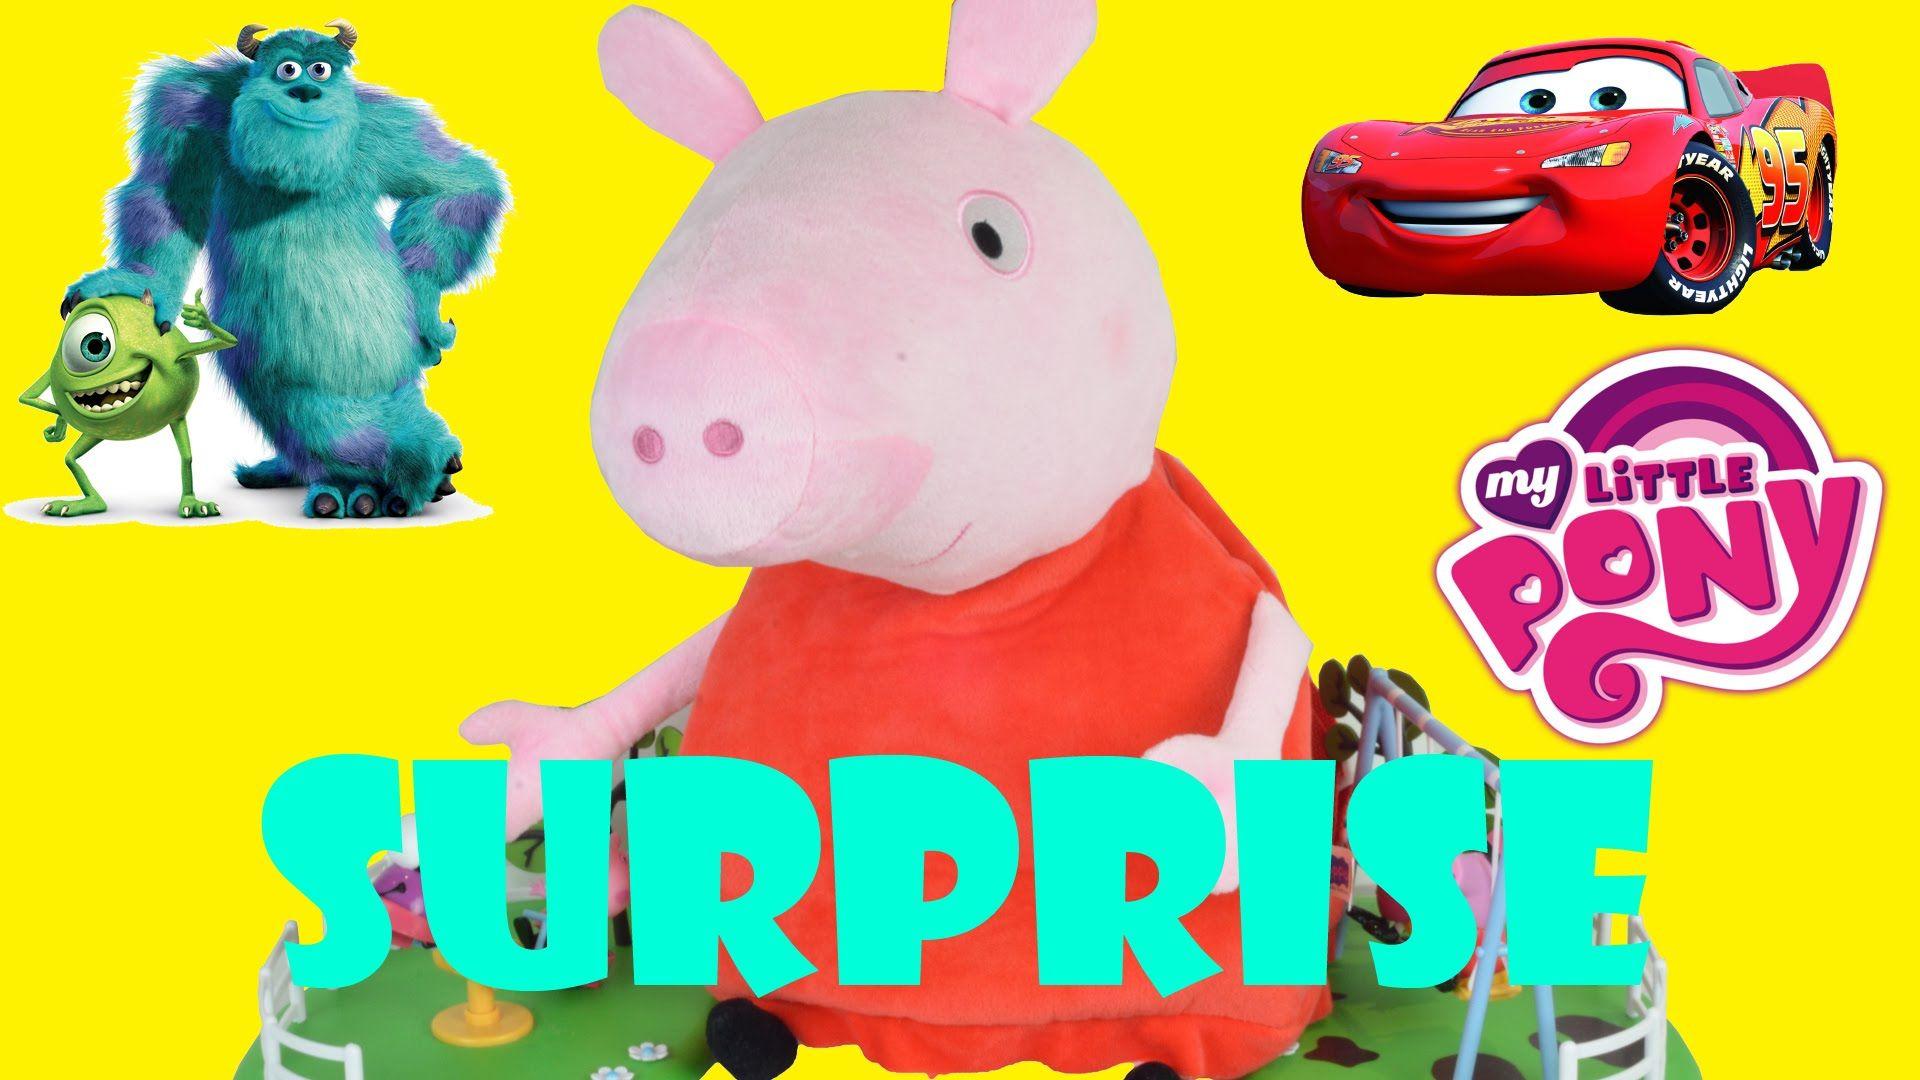 Cars 2 Giant Surprise Peppa Pig Planes Disney Doc Mcstuffins Monsters Inc My Little Pony Disney Doc Mcstuffins Peppa Pig Car Peppa Pig [ 1080 x 1920 Pixel ]